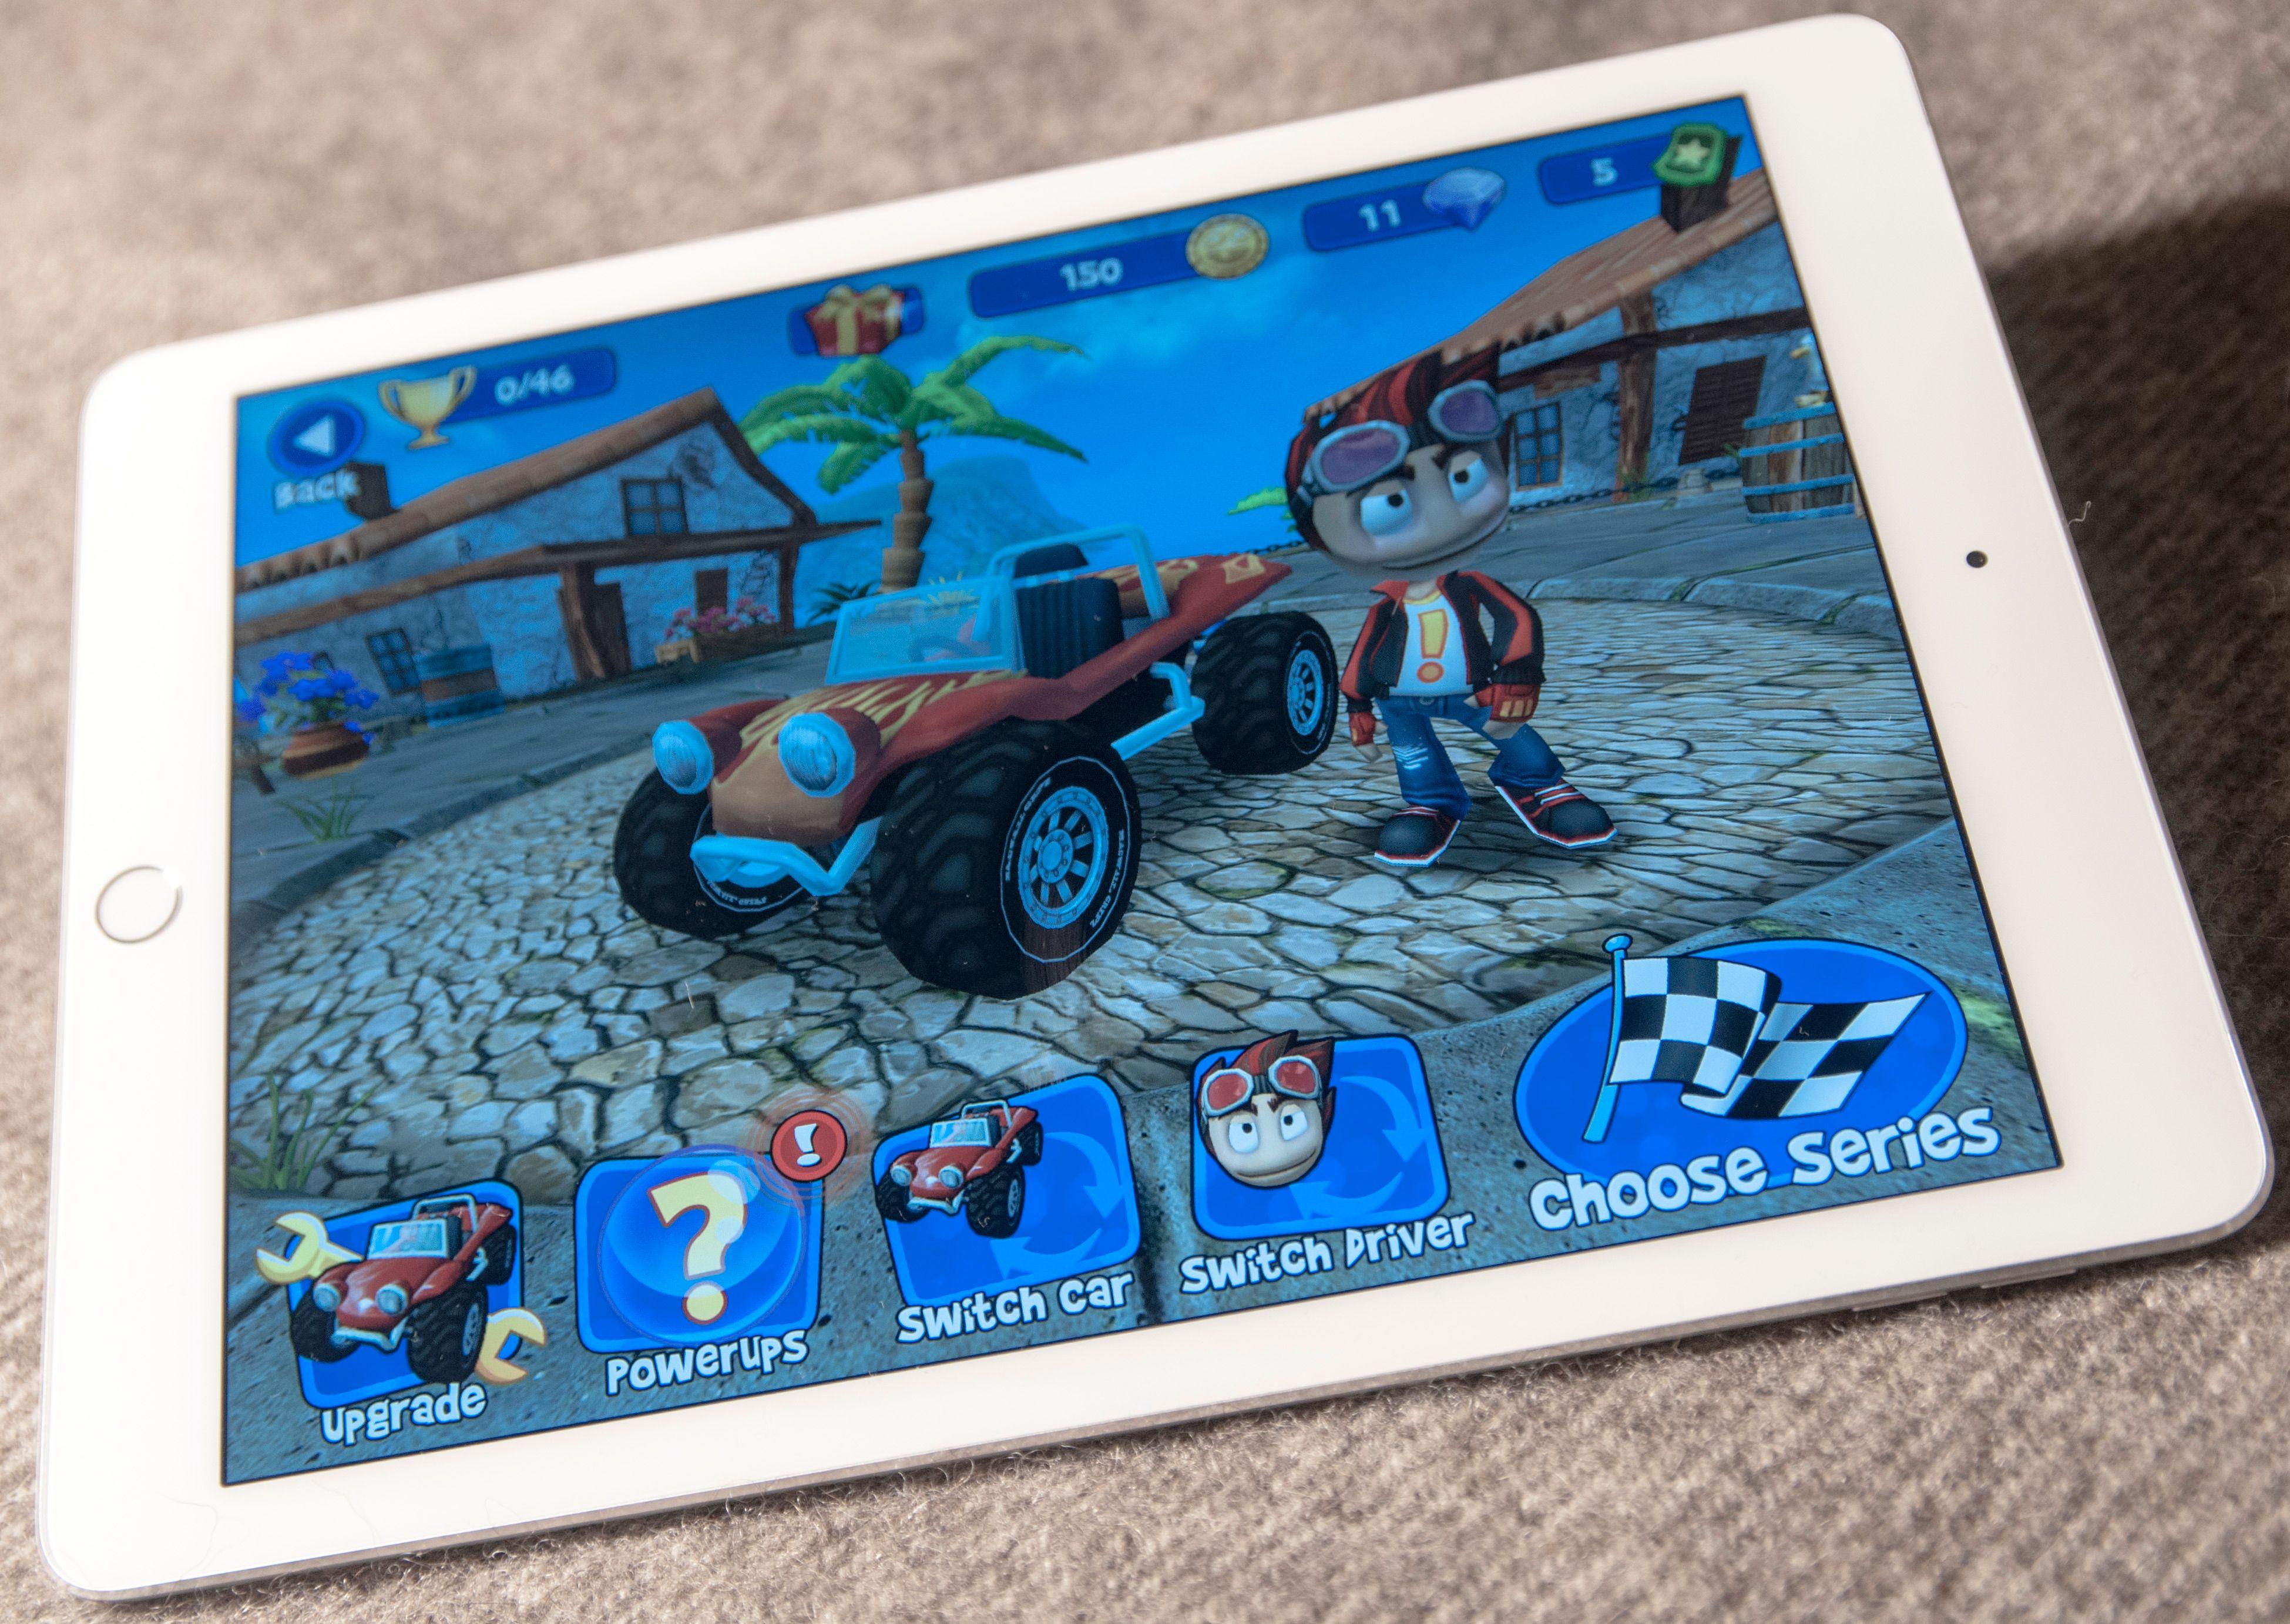 iPad Air 2 er rett og slett en fortreffelig spillmaskin. På sitt beste blir grafikken påfallende naturtro, men også spill med tegneserieaktig grafikk kan dra nytte av hestekreftene under skjermen.Foto: Finn Jarle Kvalheim, Tek.no